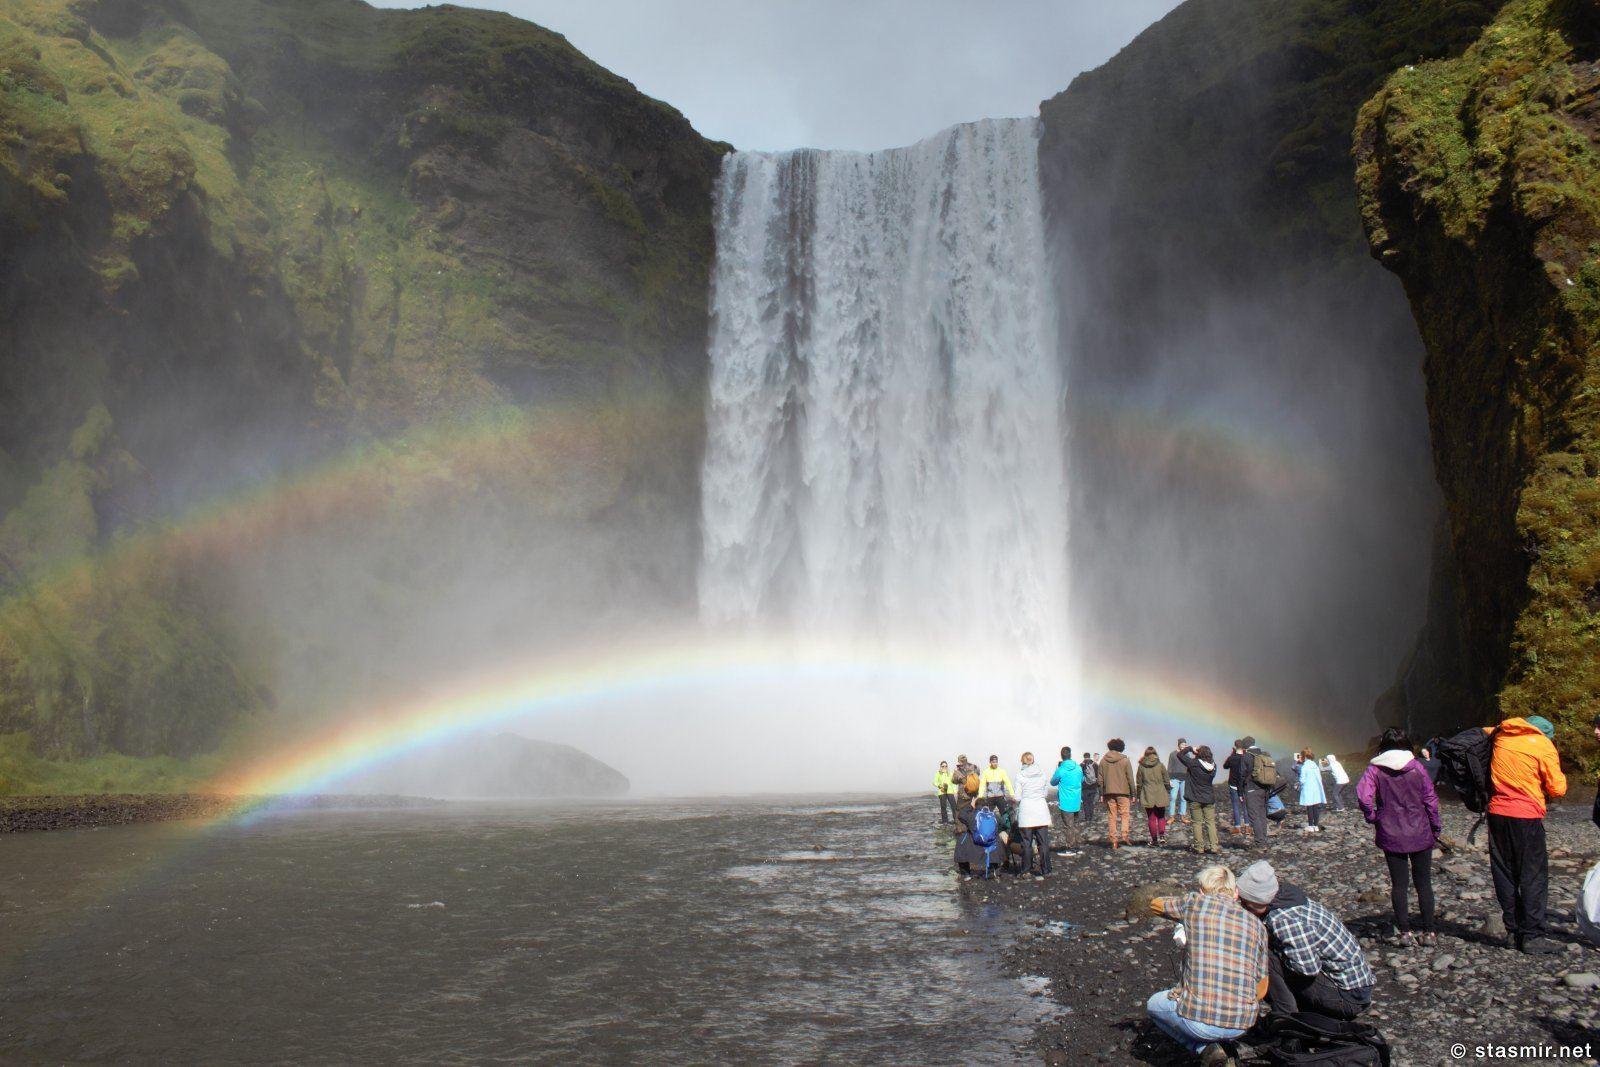 водопад Скоугарфосс, Южная Исландия, радуга, фото Стасмир, photo Stasmir